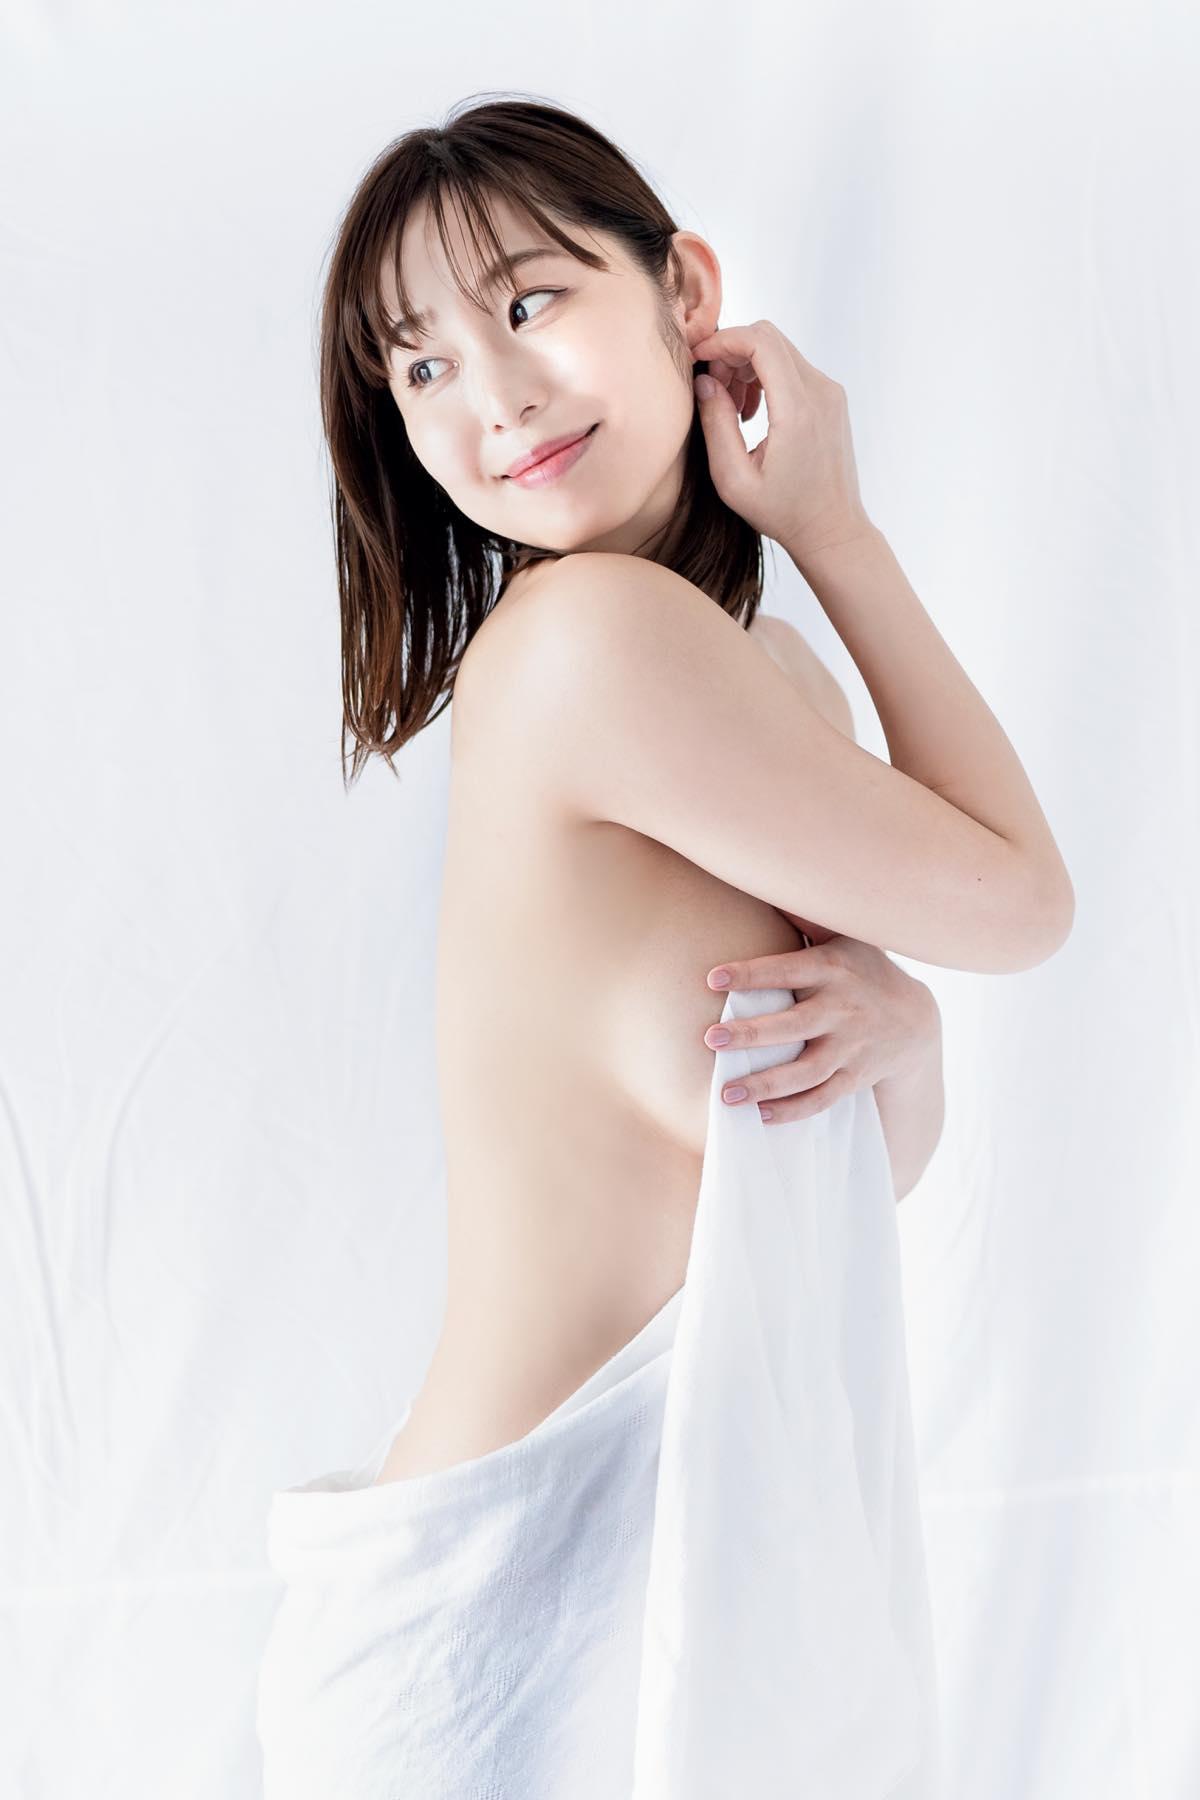 塩地美澄「元女子アナが手ブラ姿に」グラマスボディは圧巻【画像12枚】の画像002